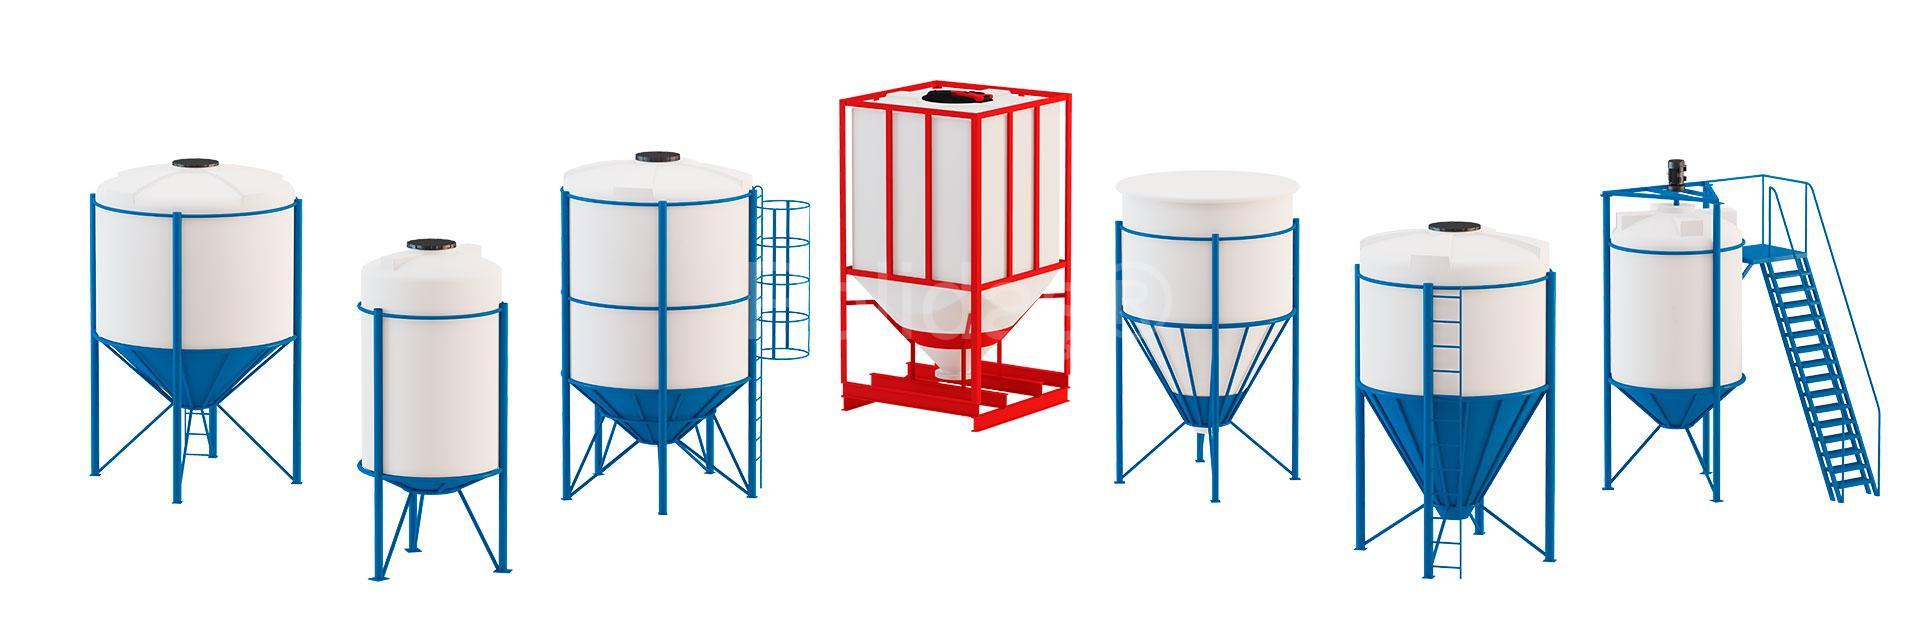 kimya-tankları-kimya-depolari